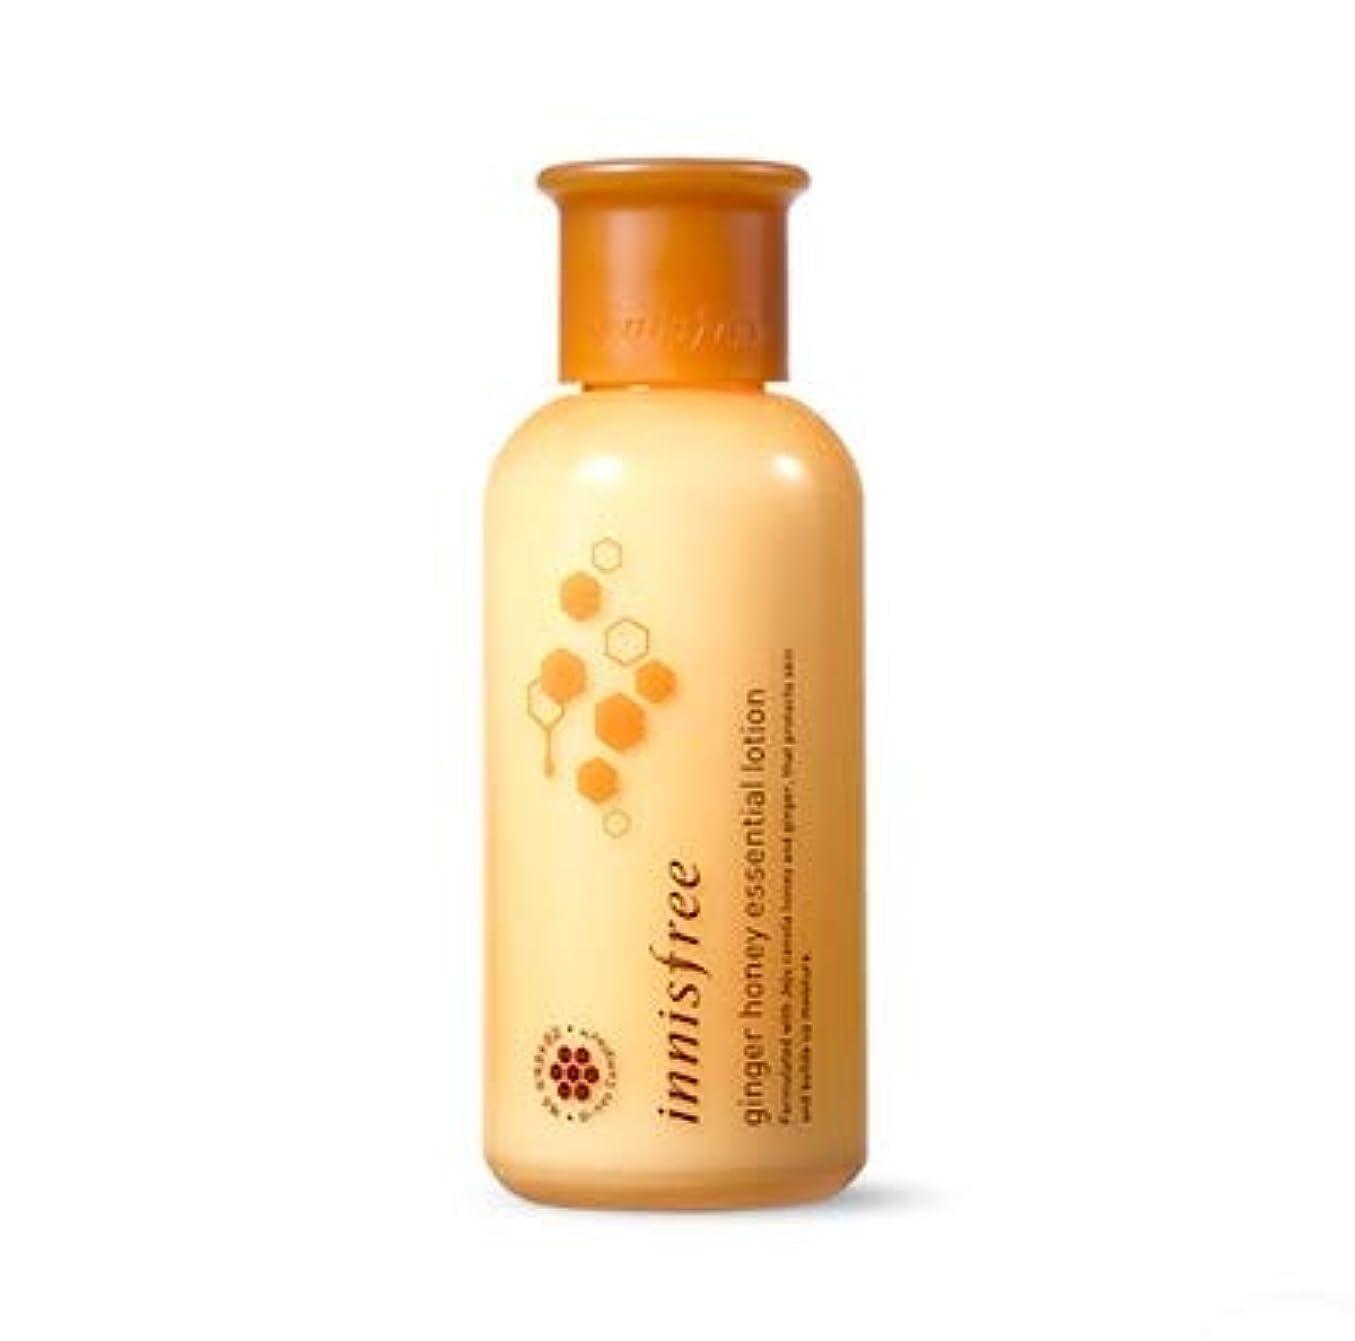 極小和らげるカセットINNISFREE Ginger Honey Essential Lotion イニスフリー ジンジャー ハニー エッセンシャル ローション 160ml [並行輸入品]